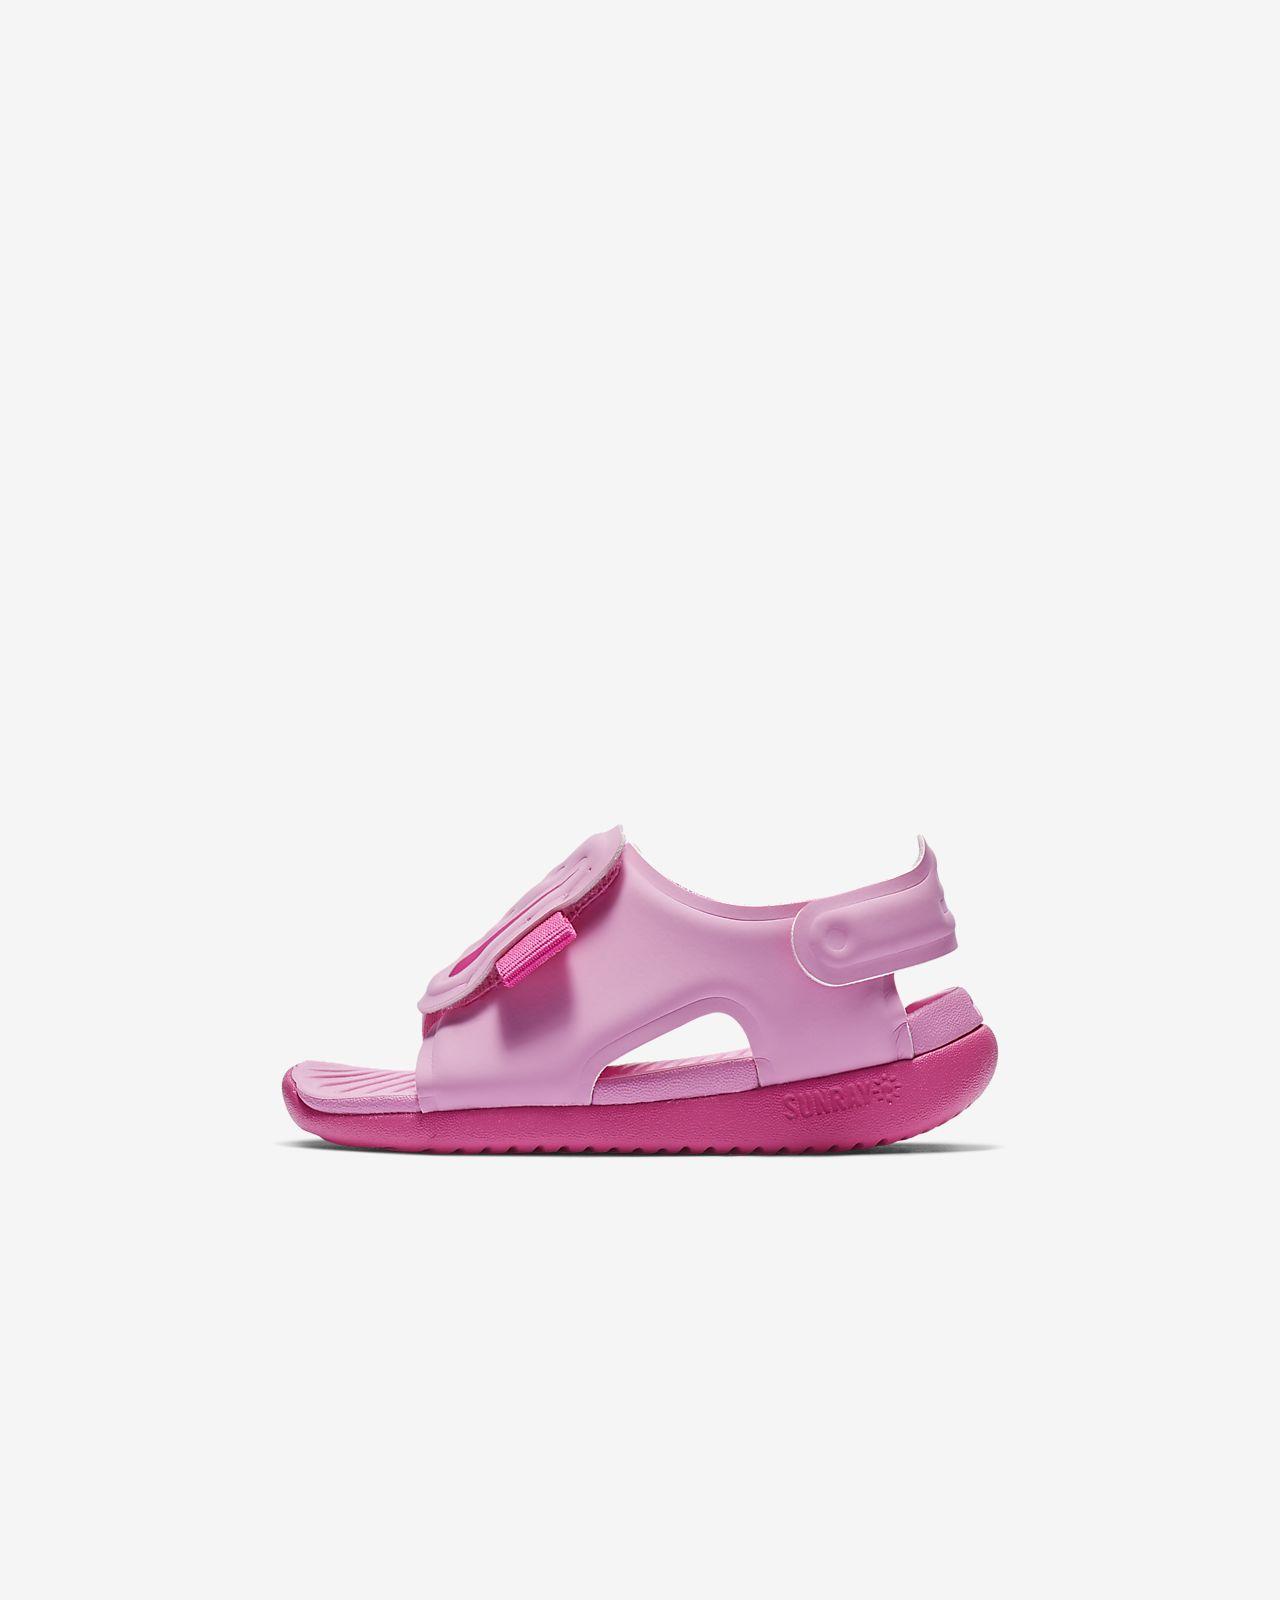 Σανδάλι Nike Sunray Adjust 5 για βρέφη και νήπια